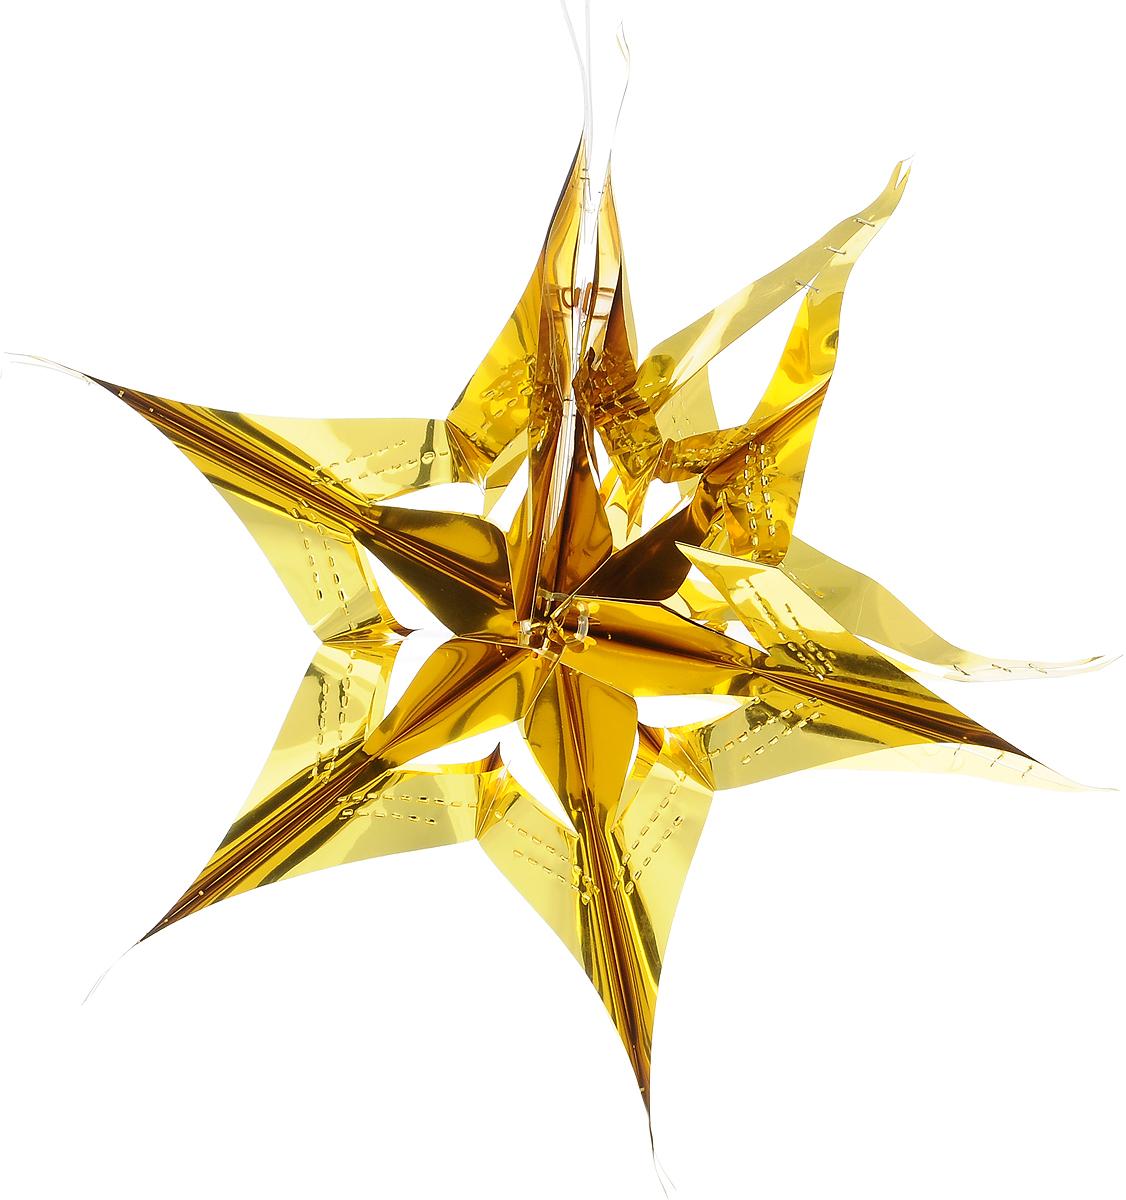 Украшение новогоднее подвесное Winter Wings Звезда, цвет: золотистый, диаметр 30 смN180217Новогоднее украшение Winter Wings Звезда прекрасно подойдет для декора дома и праздничной елки. Изделие выполнено из ПВХ. С помощью специальной петельки украшение можно повесить в любом понравившемся вам месте. Легко складывается и раскладывается.Новогодние украшения несут в себе волшебство и красоту праздника. Они помогут вам украсить дом к предстоящим праздникам и оживить интерьер по вашему вкусу. Создайте в доме атмосферу тепла, веселья и радости, украшая его всей семьей.